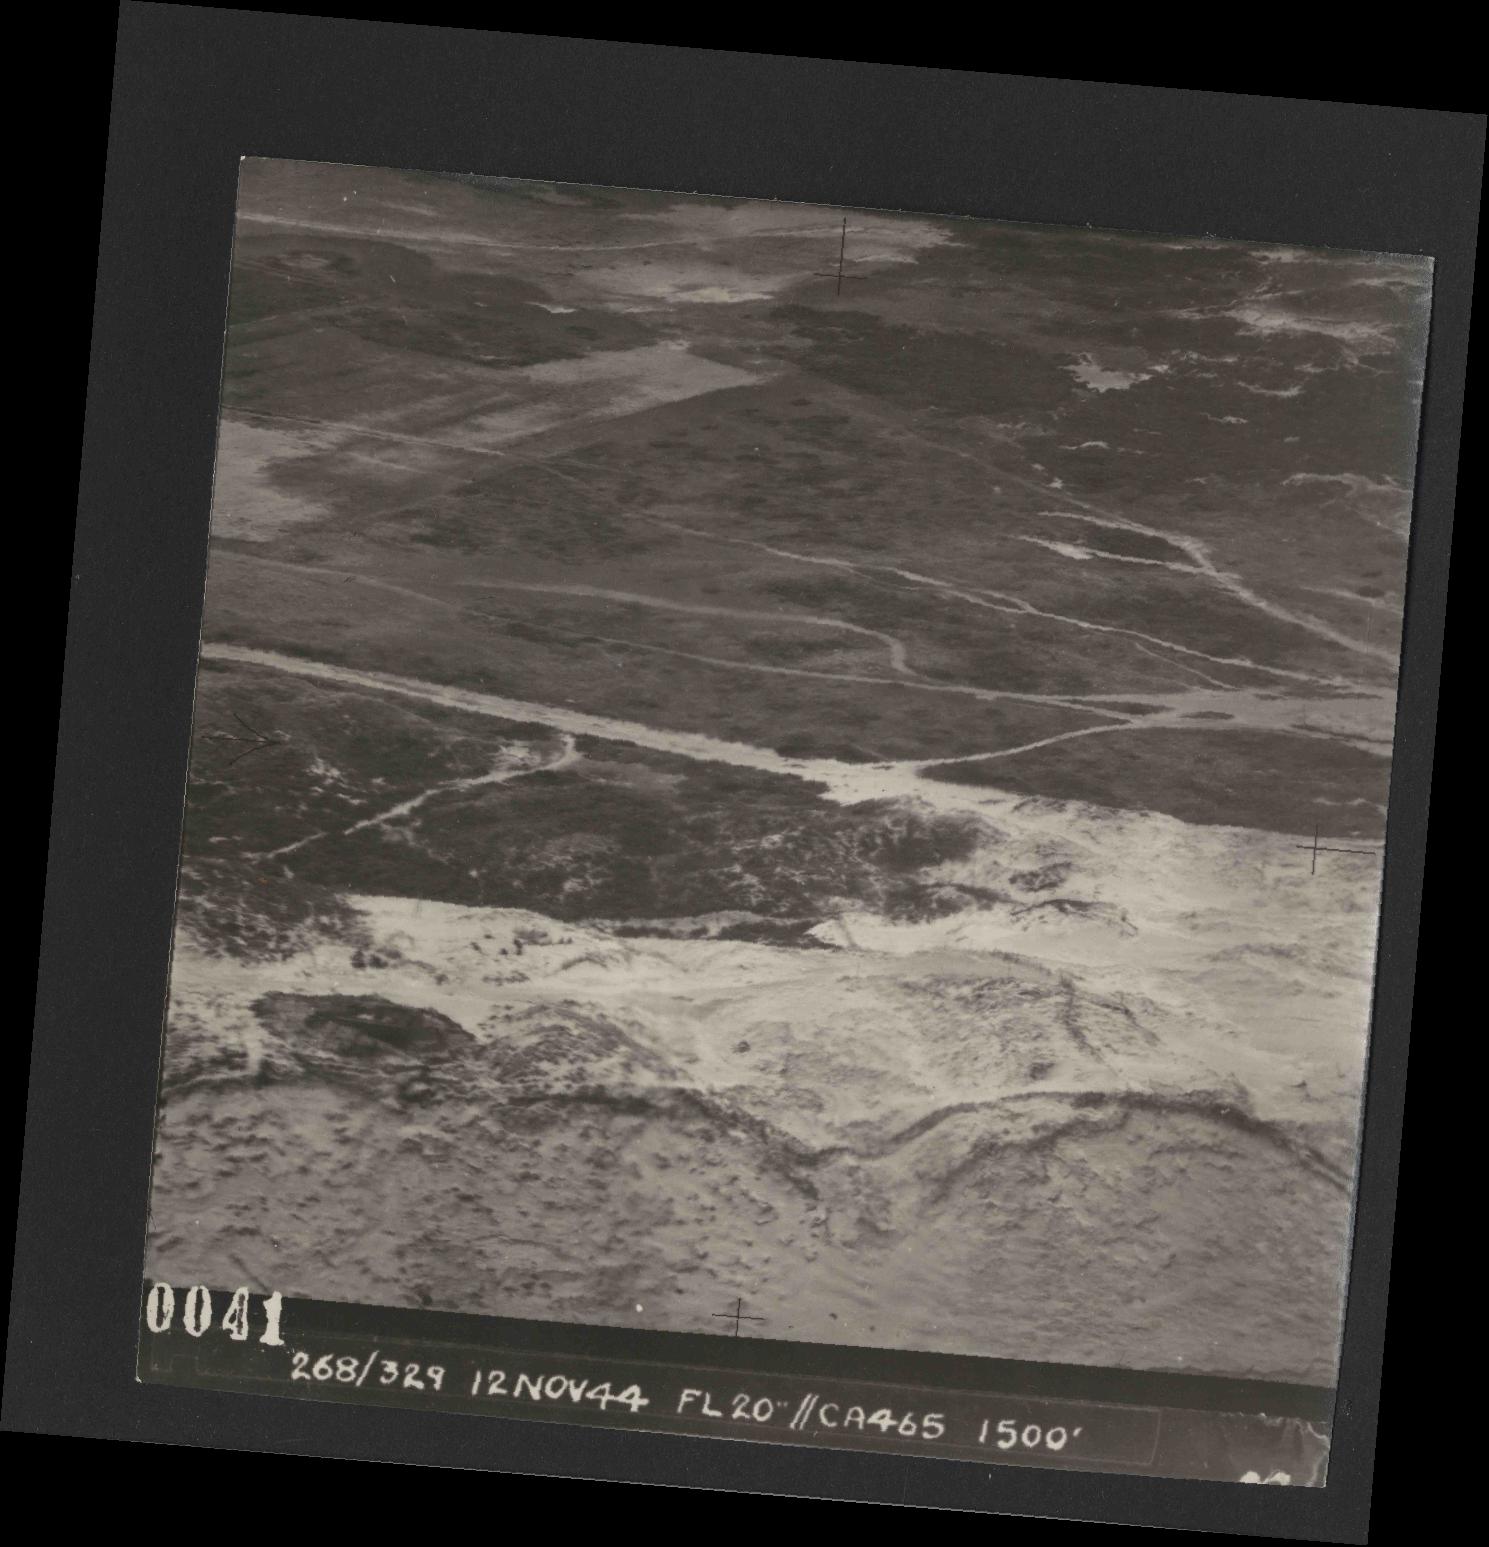 Collection RAF aerial photos 1940-1945 - flight 553, run 01, photo 0041